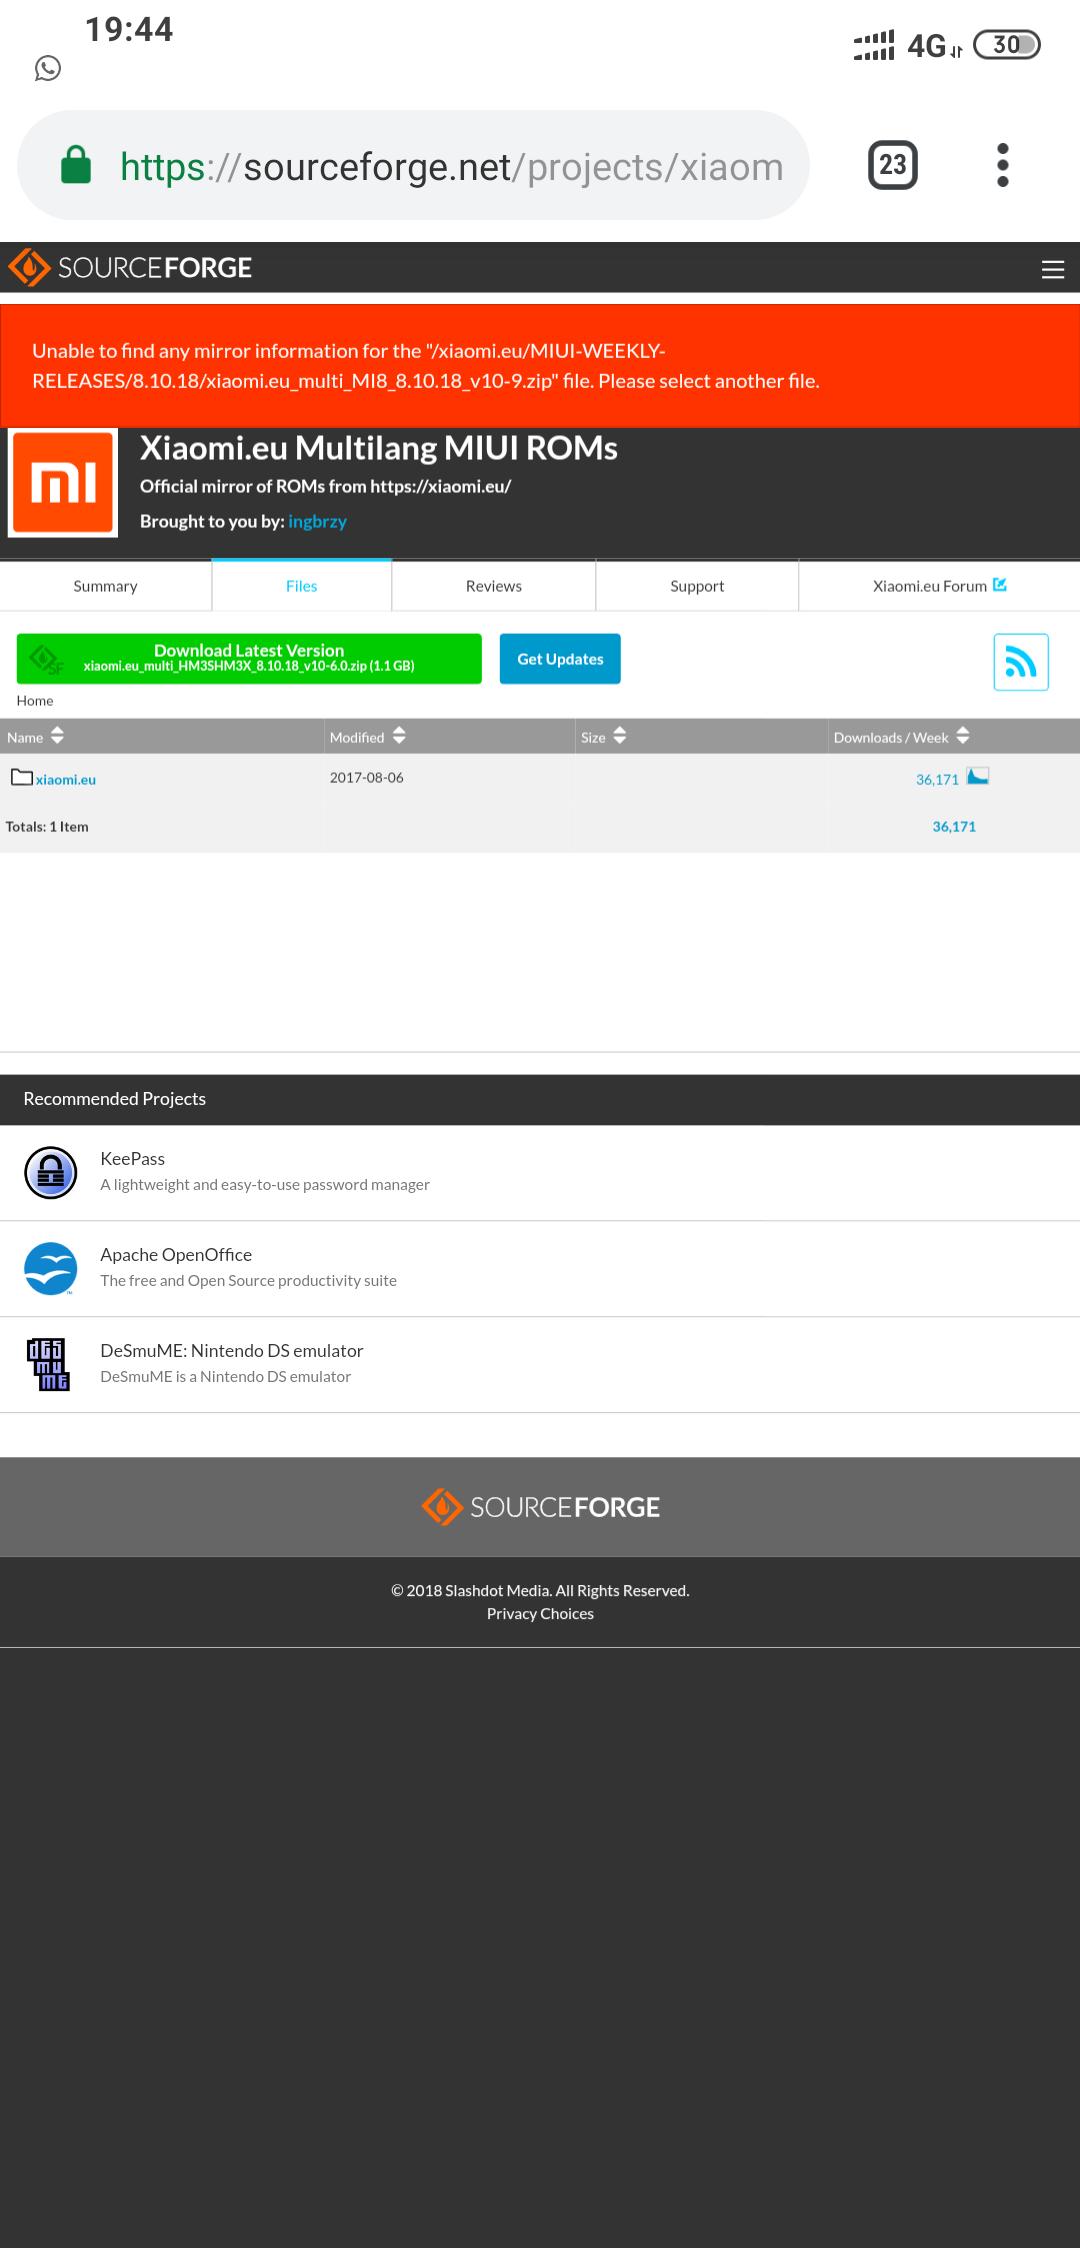 Screenshot_2018-10-19-19-44-46-536_com.android.chrome.png